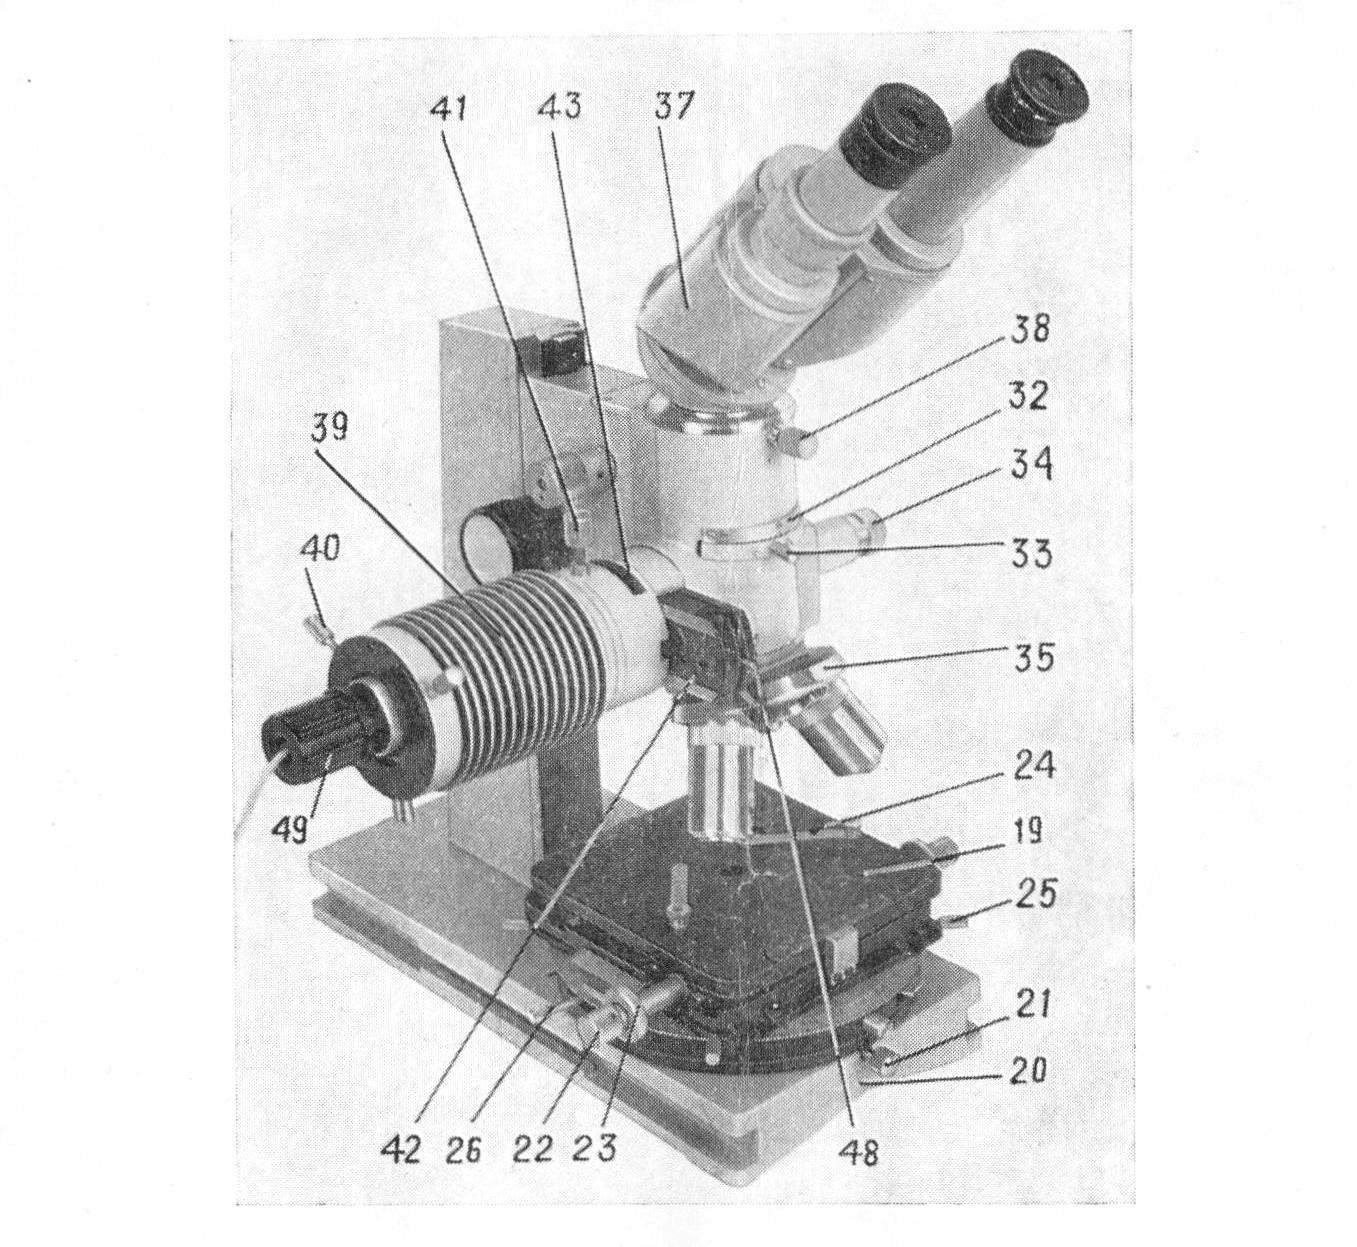 микроскоп метам-р1 рис. 2